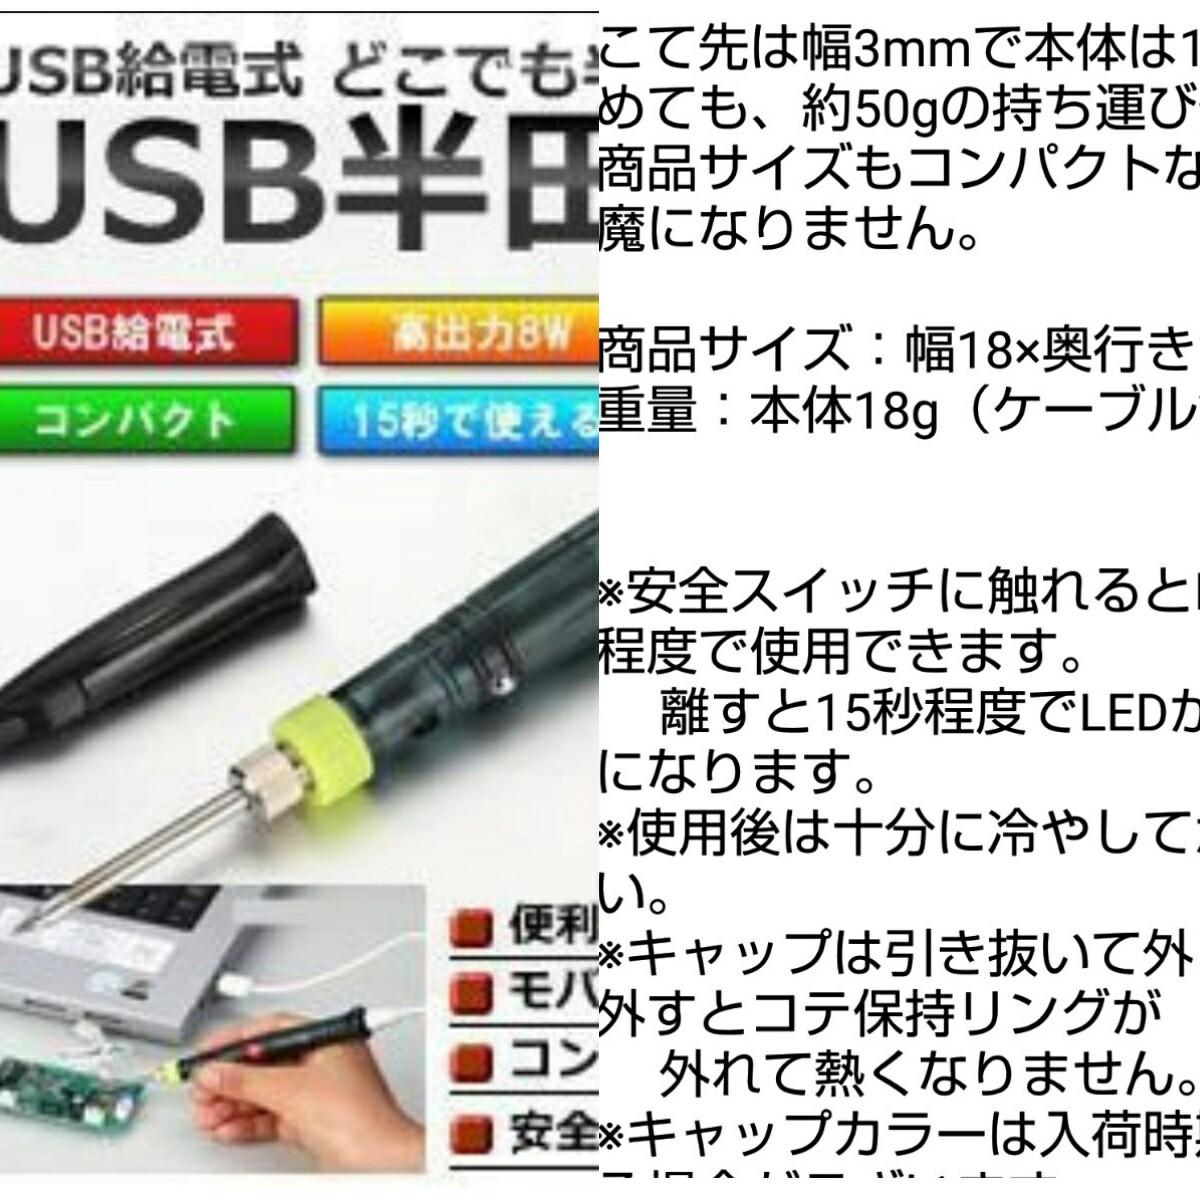 USB給電式 半田こて 半田ごて 15秒で使える!! 高出力 8W こて先 3mm コンパクト 安全スイッチ ハンダ KZ-ZD20 即納